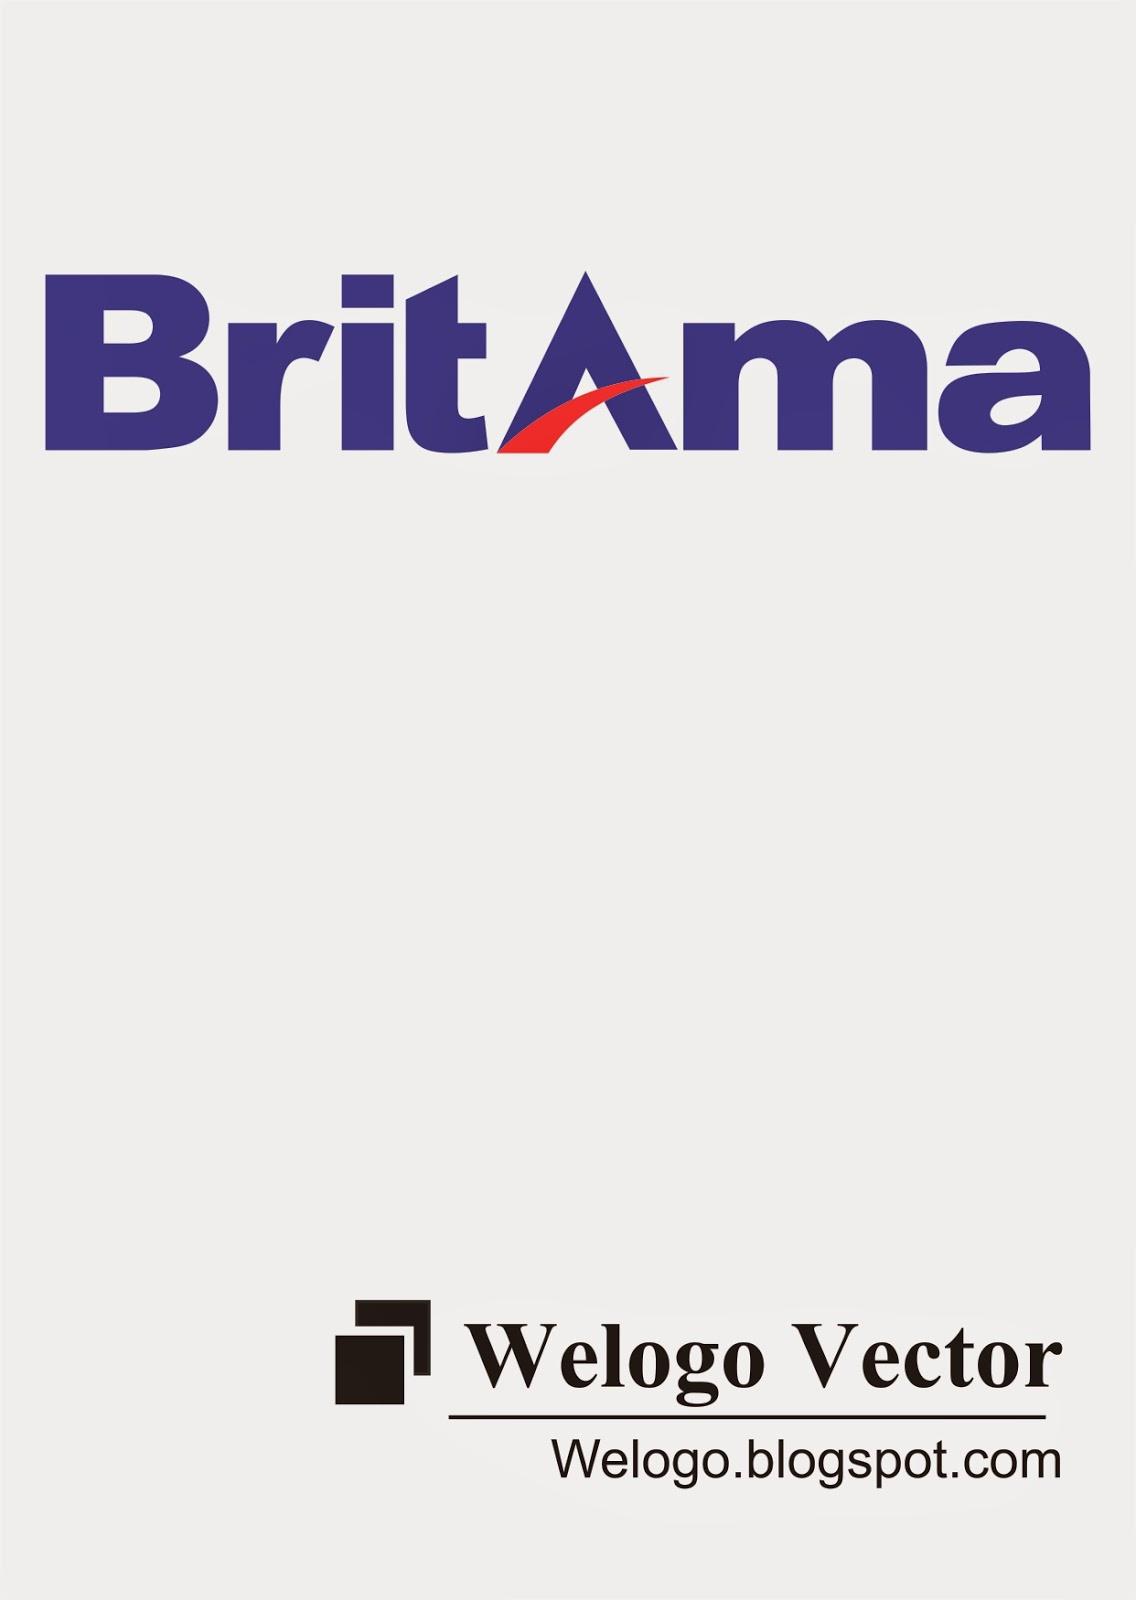 Logo Atm Bri : Britama, Vector